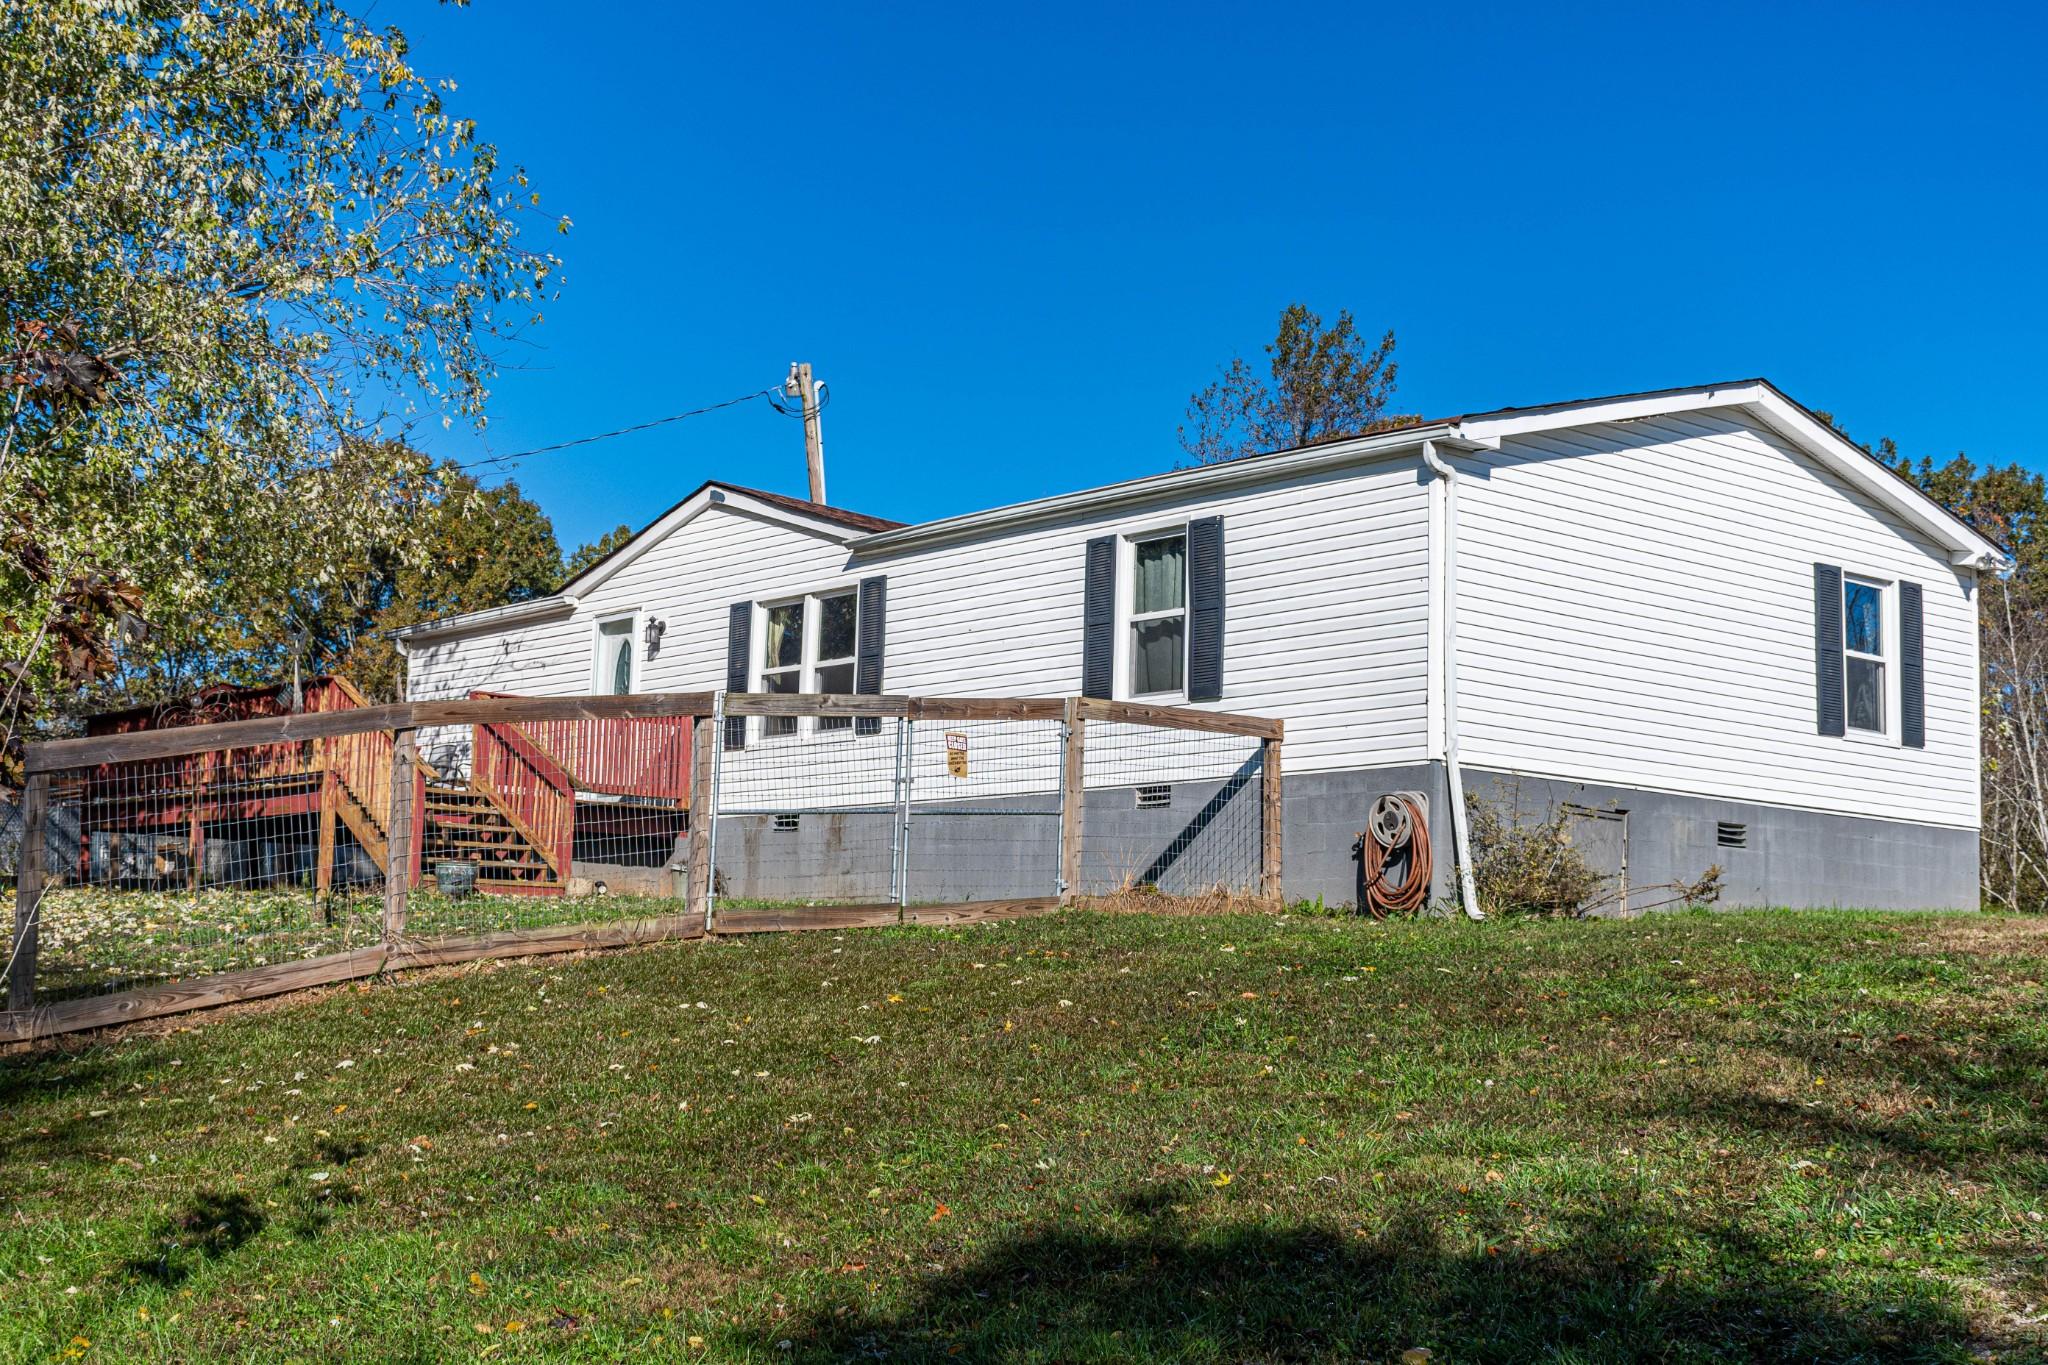 3426 Lake Rd, Woodlawn, TN 37191 - Woodlawn, TN real estate listing